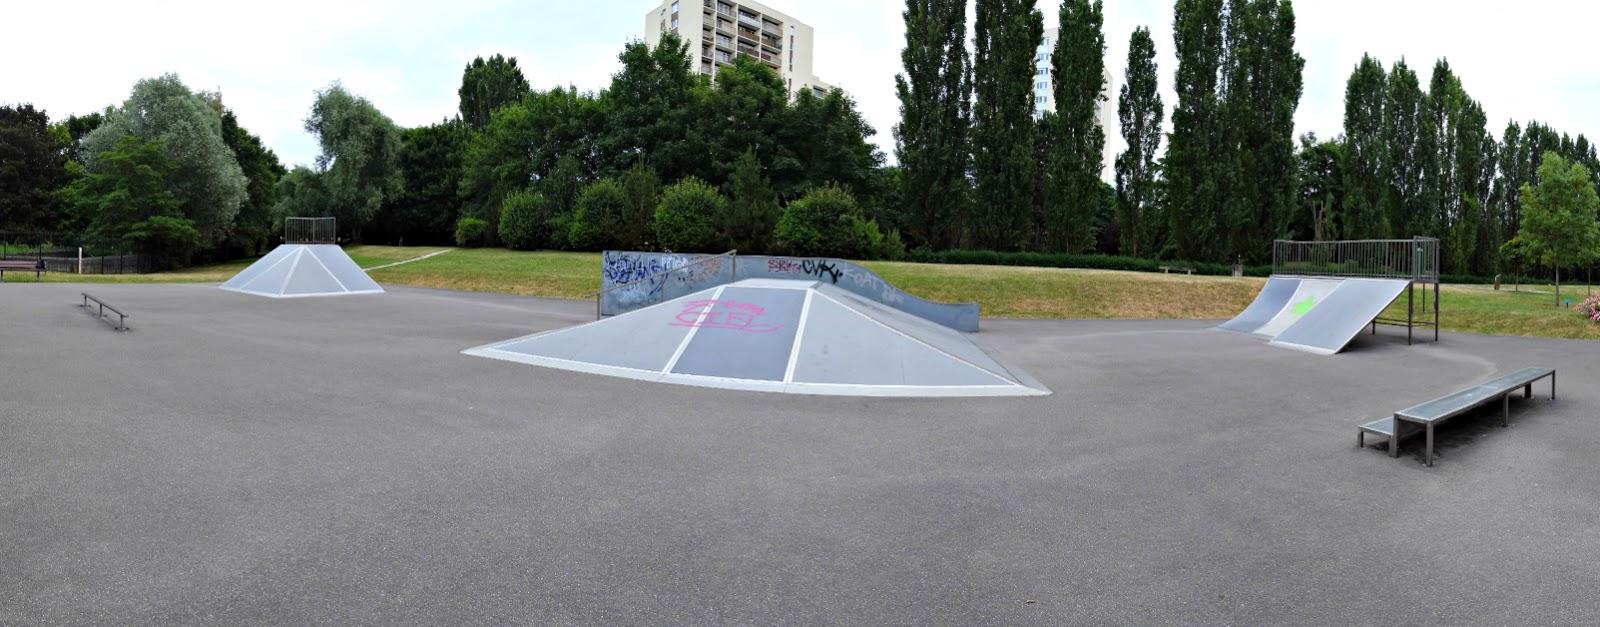 Le Skatepark De Verrires Buisson 91